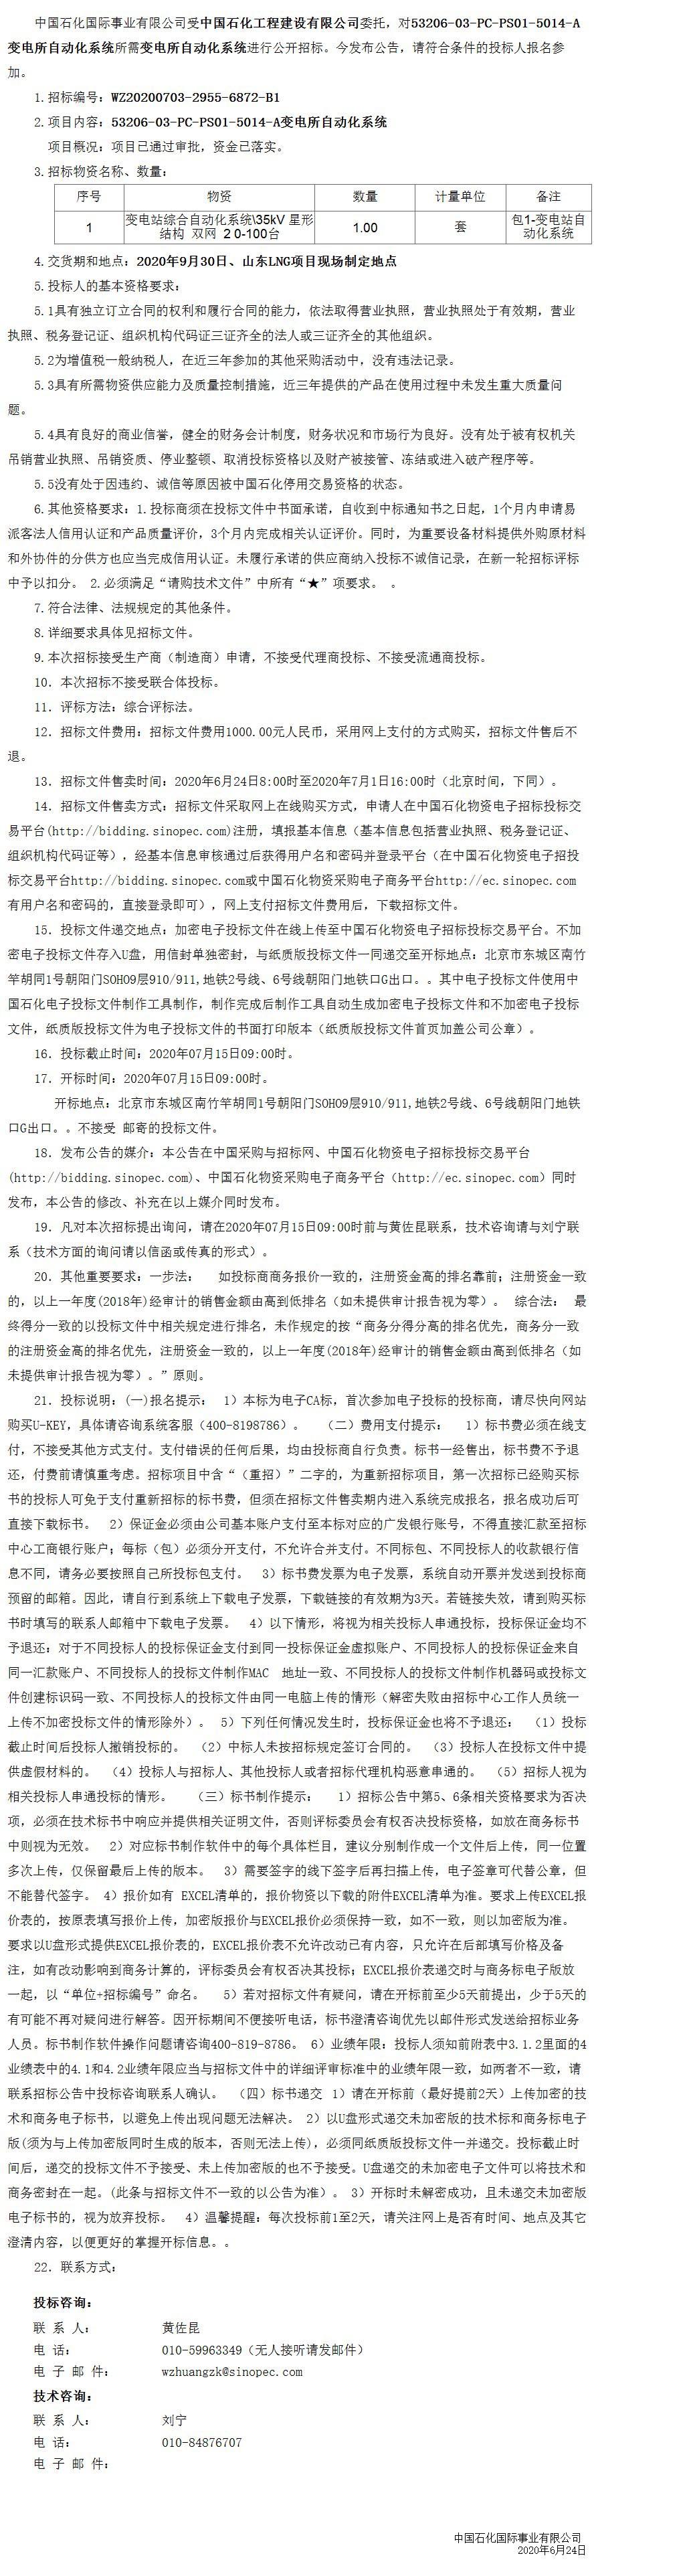 中国石化工程公司_中国石化工程建设有限公司山东液化天然气(LNG)项目二期工程BEPC ...